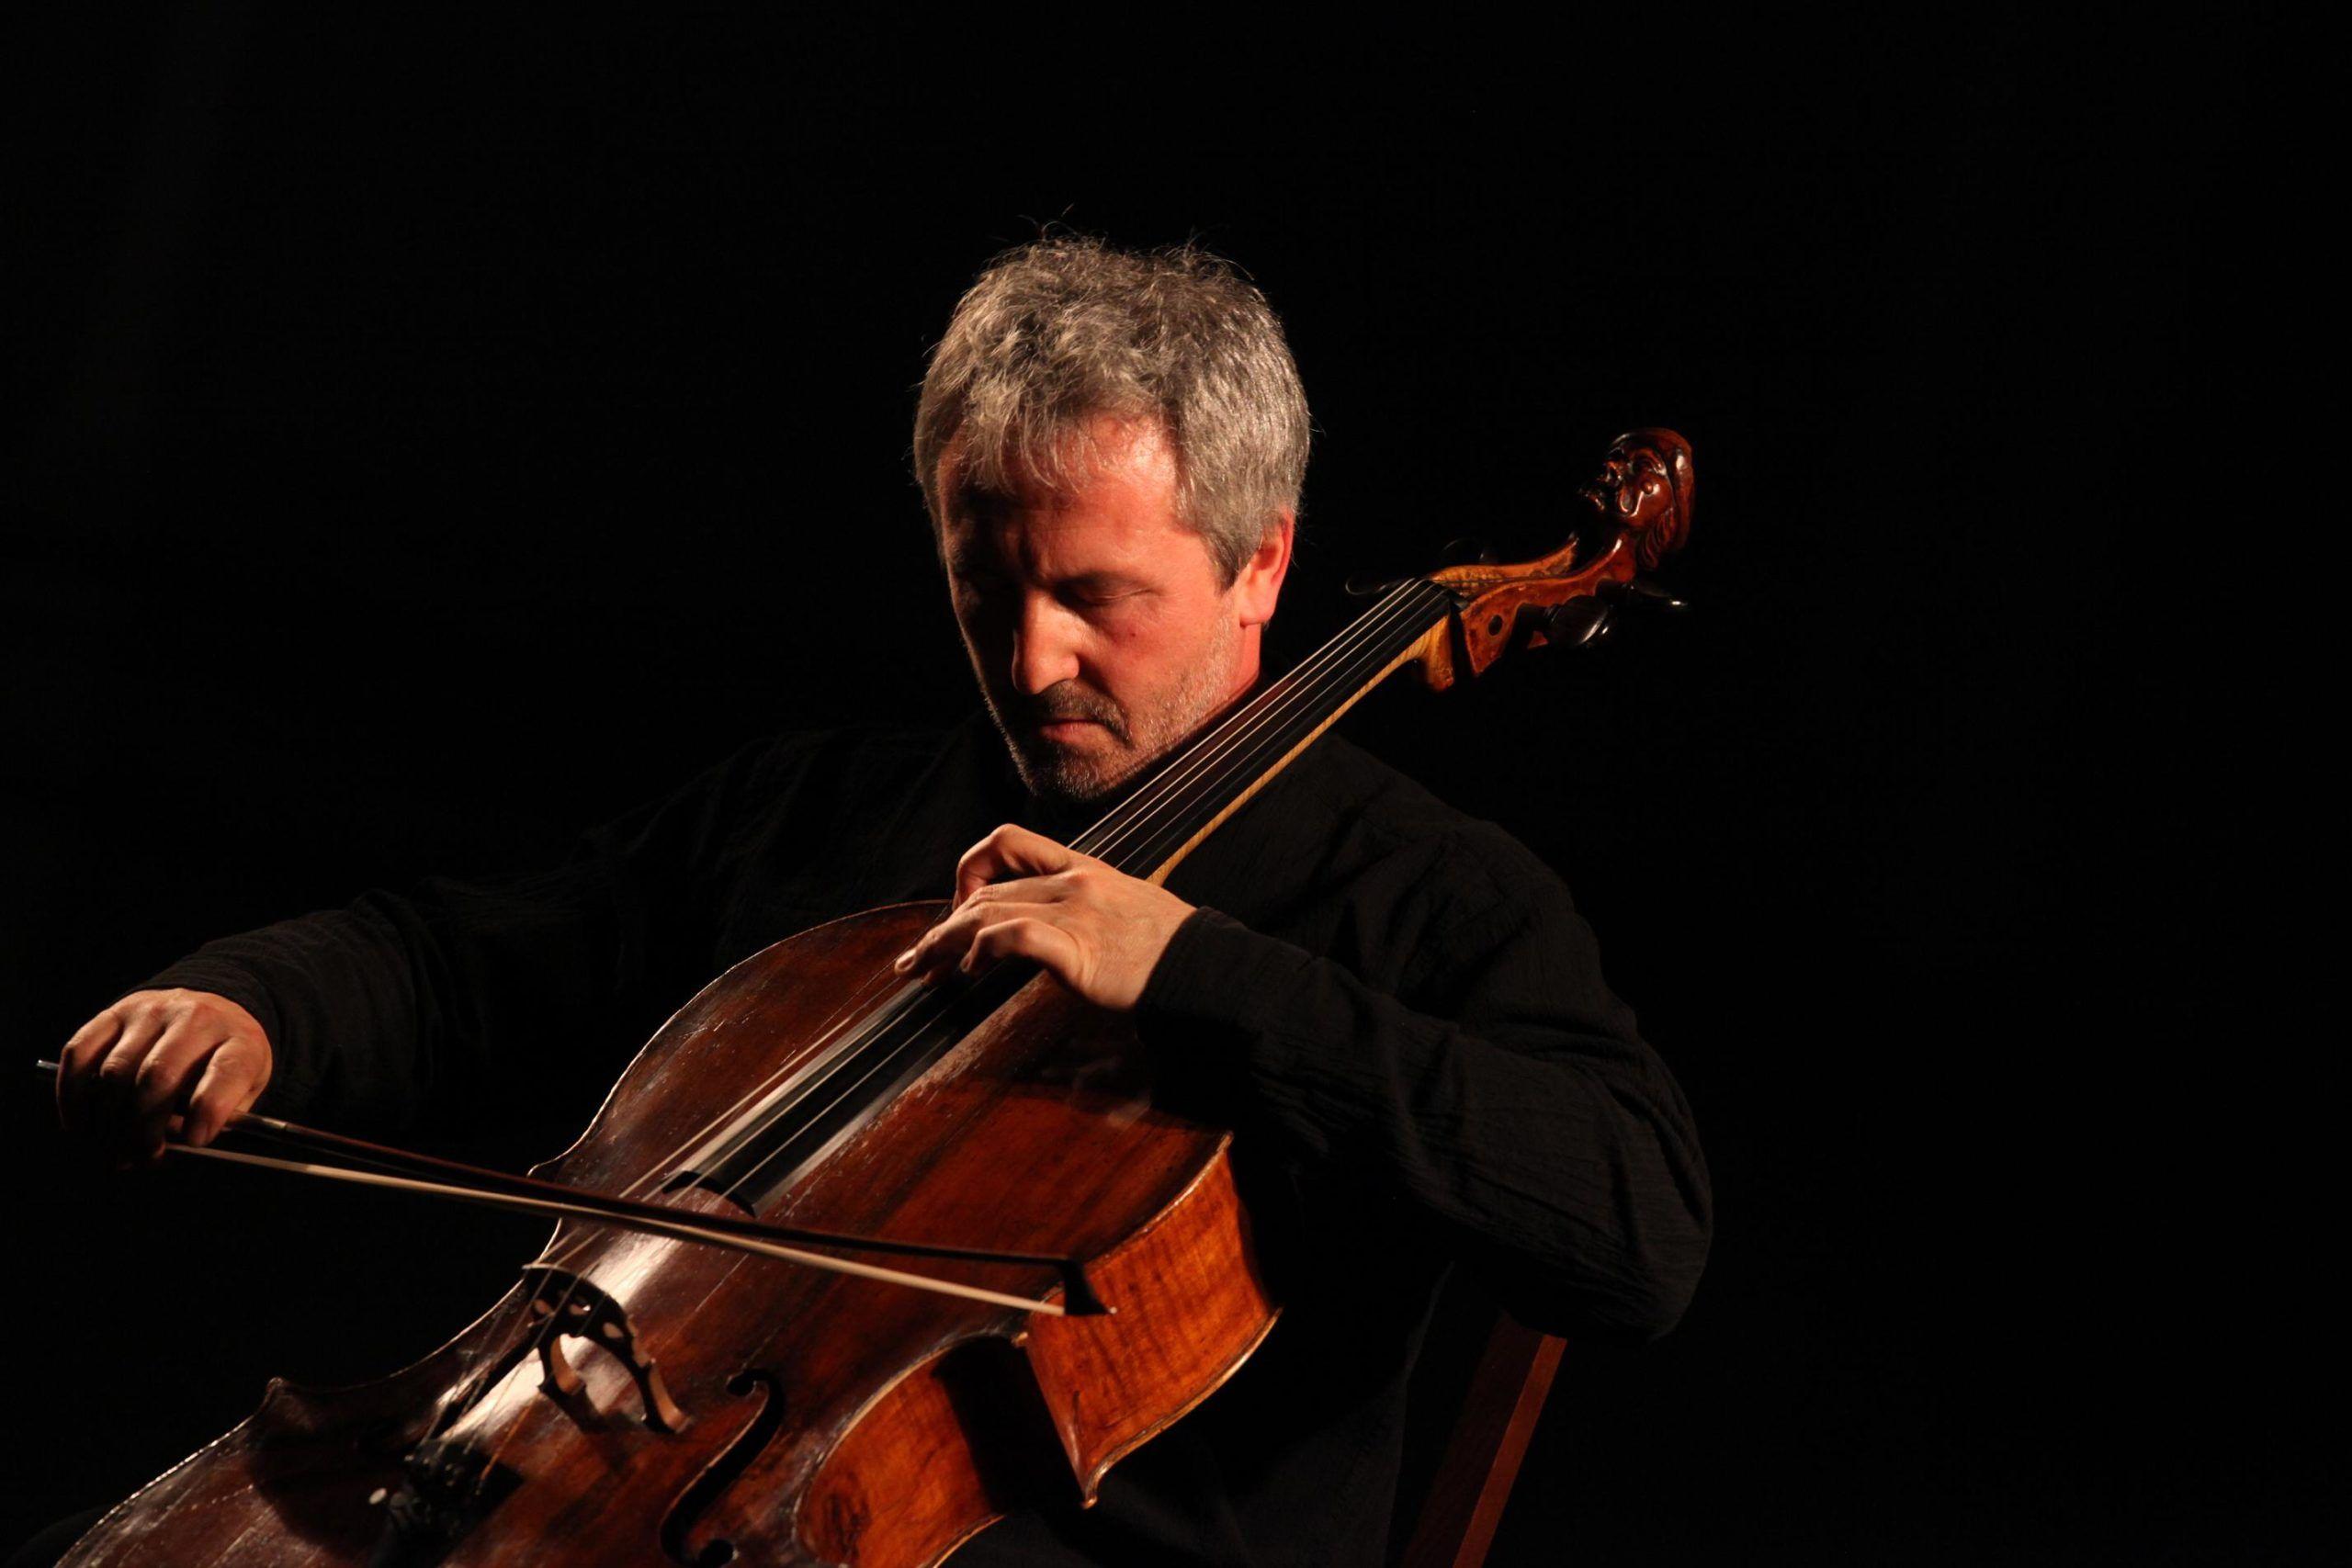 Mario Brunello, quando la musica non conosce confini